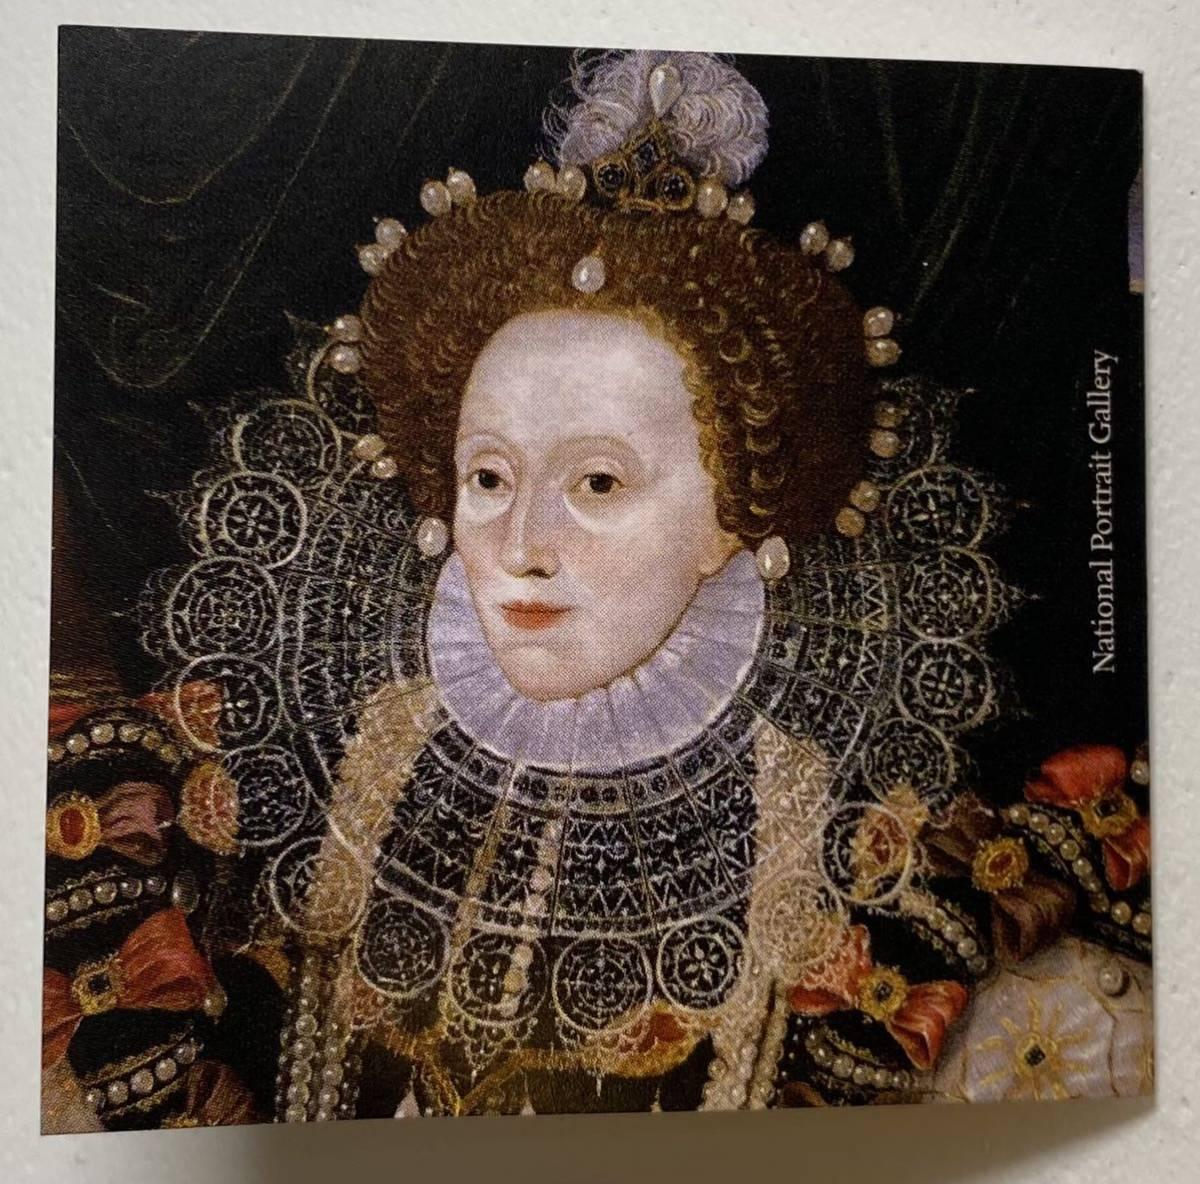 イギリス金貨 2008 5ポンド エリザベス1世 NGC PF70UC 発行枚数1500枚 NGC最高鑑定27枚_画像8